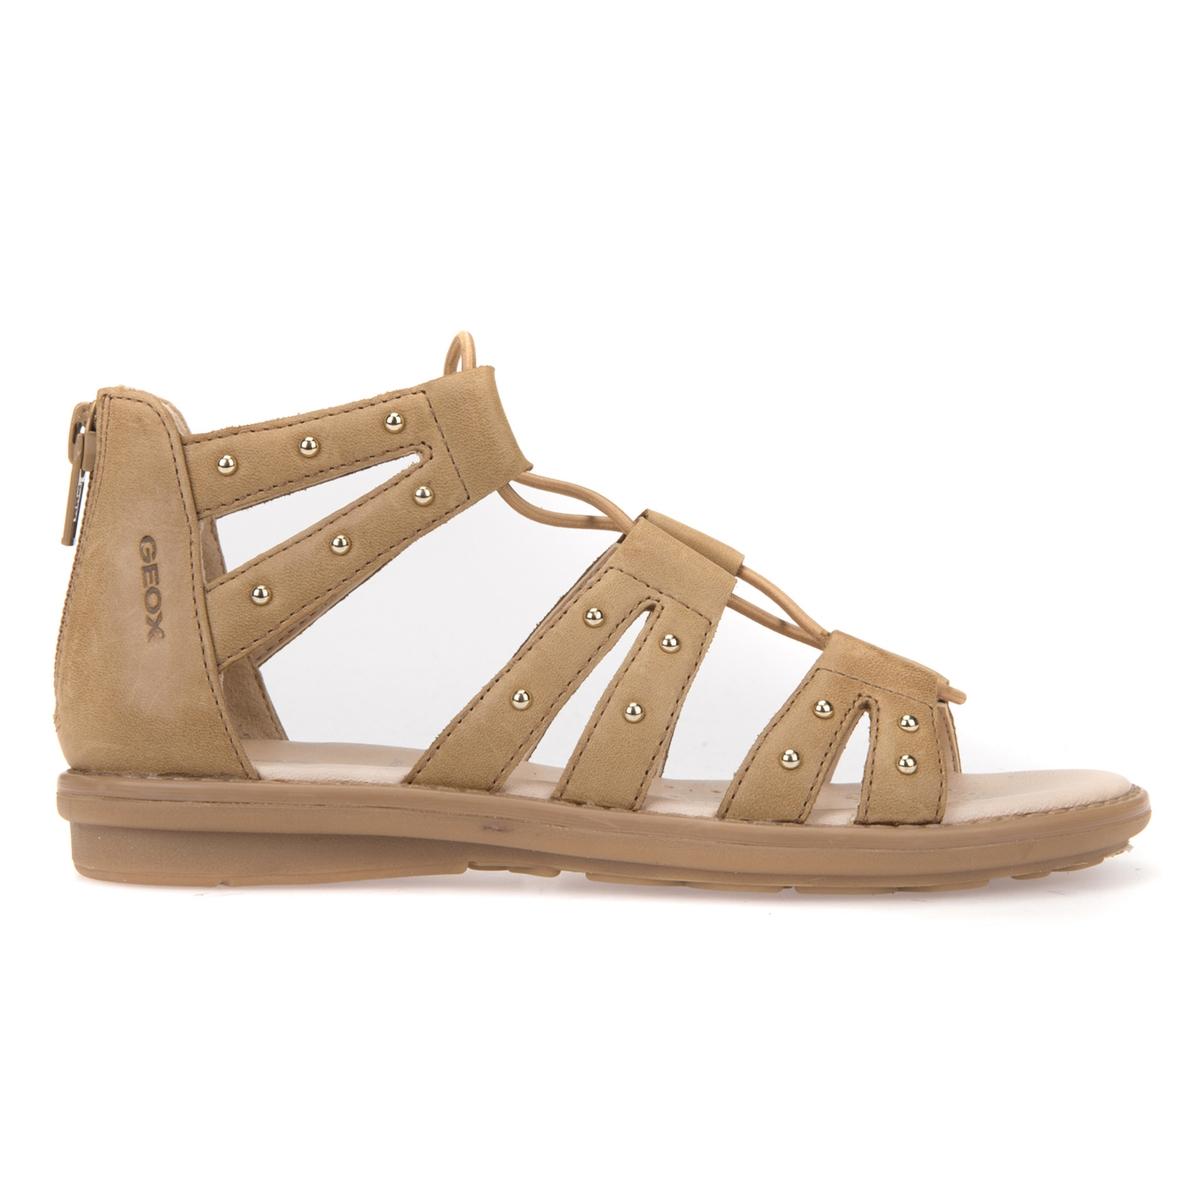 Sandali da gladiatore pelle J SANDAL MILK C